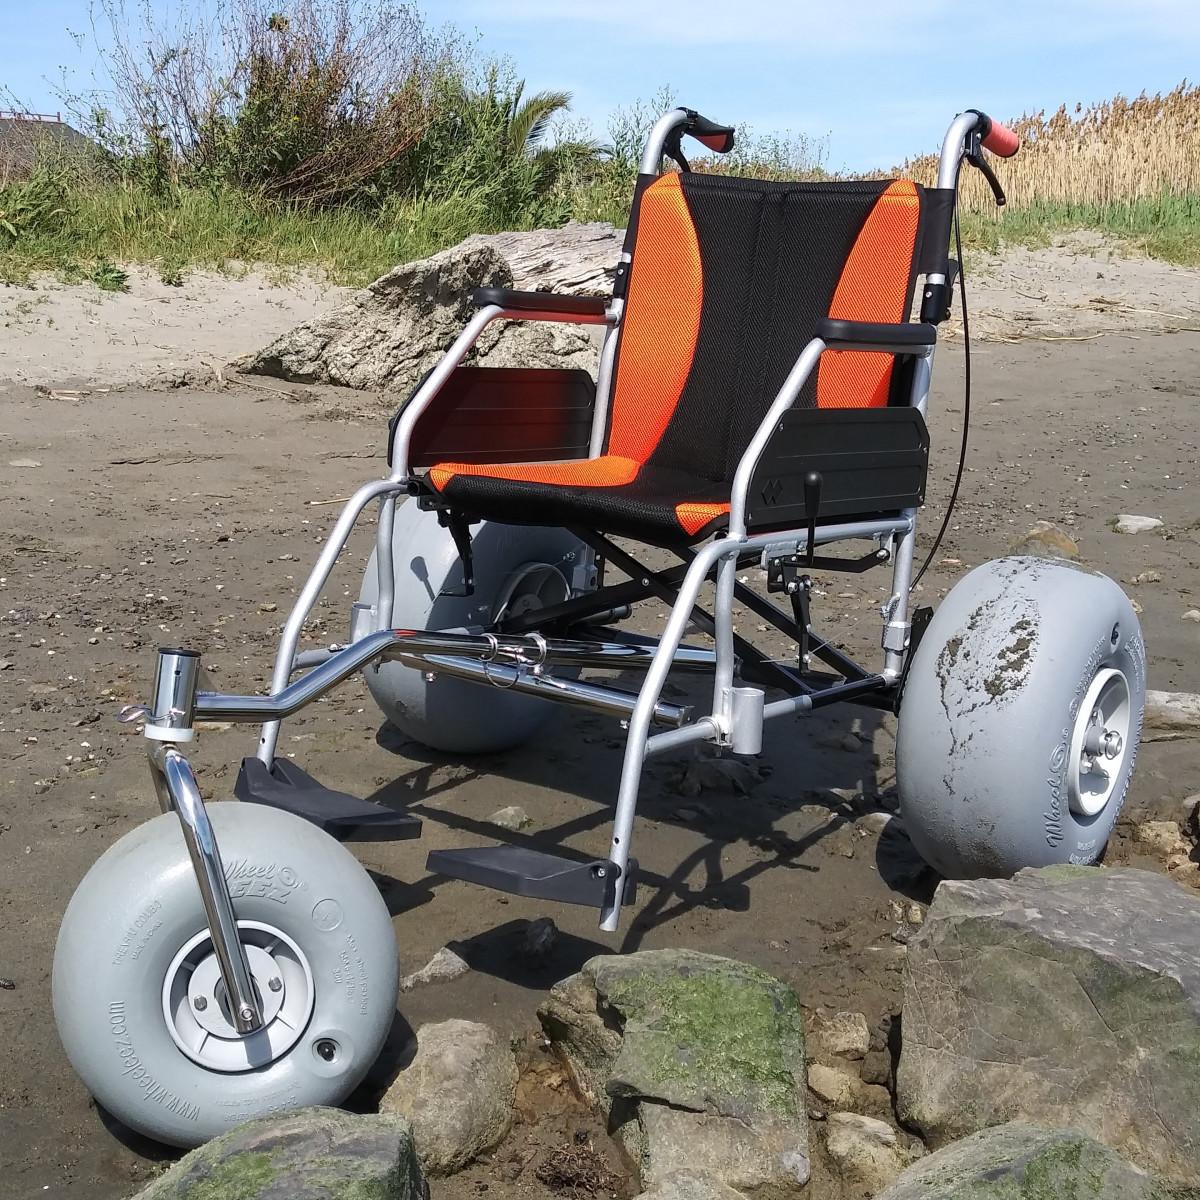 WheelEEZ®  TZ Chair/ All-Terrain Conversion Kit Package